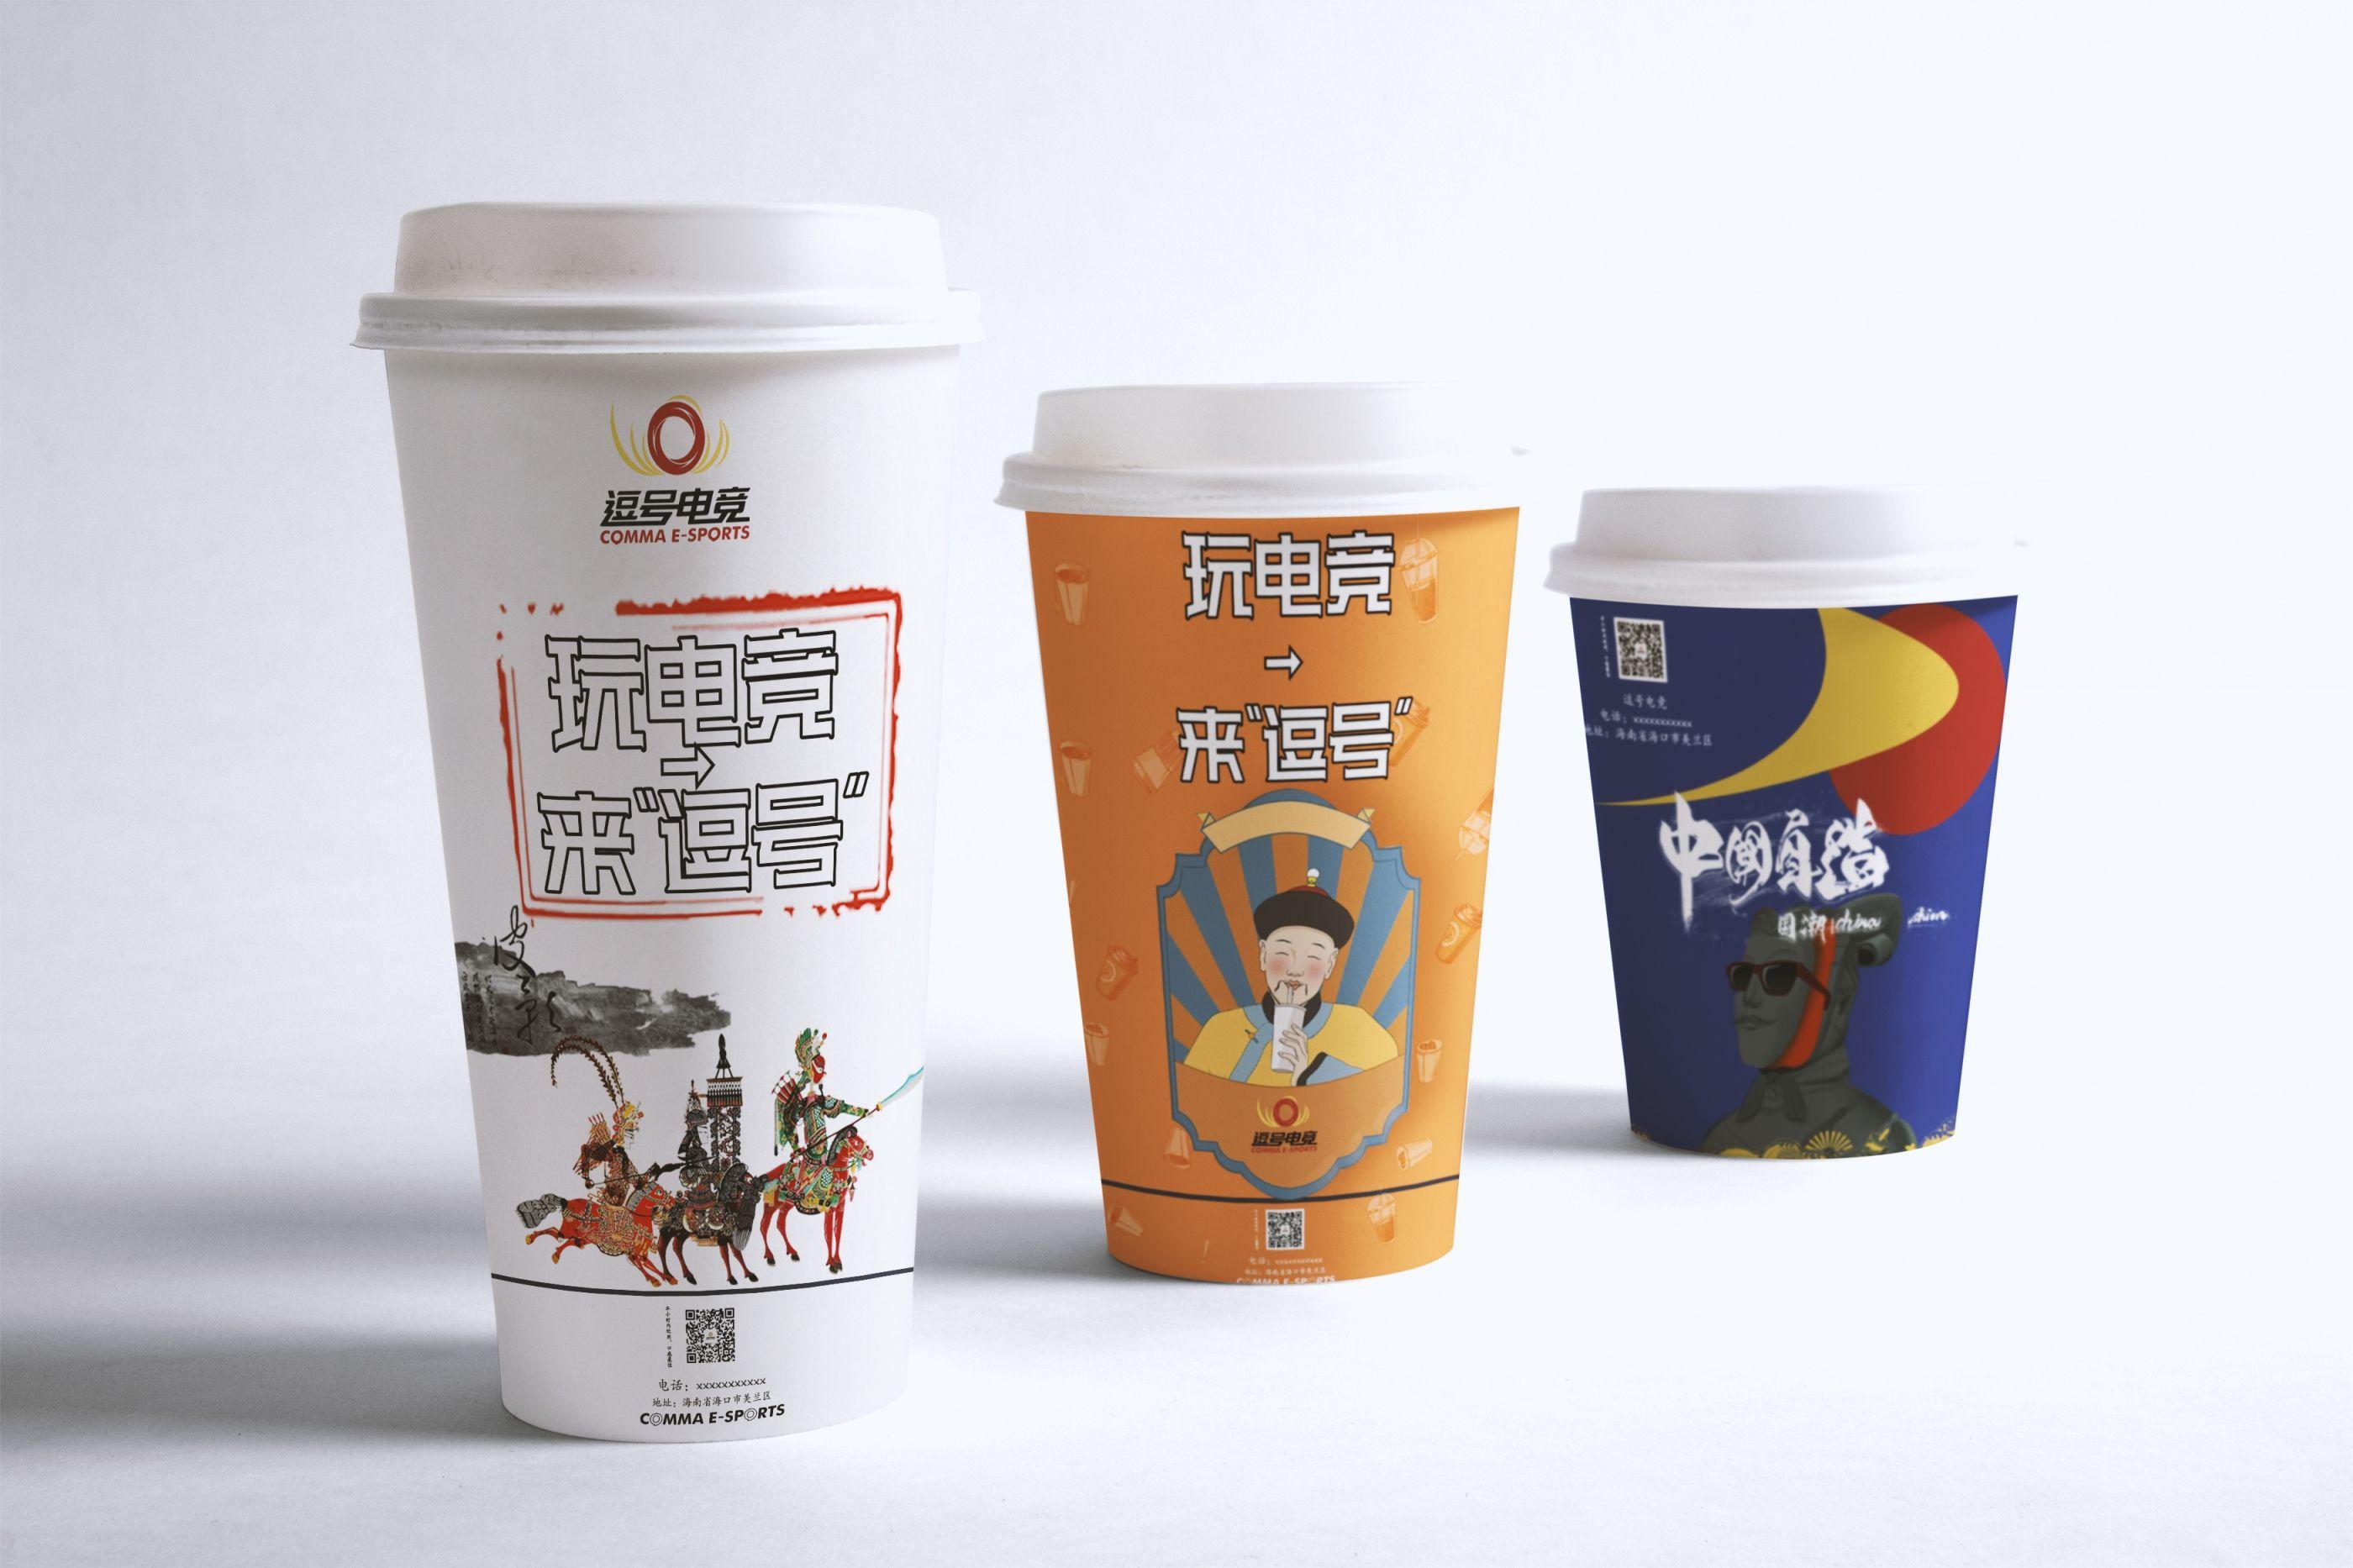 奶茶杯设计 飞特网 原创包装设计